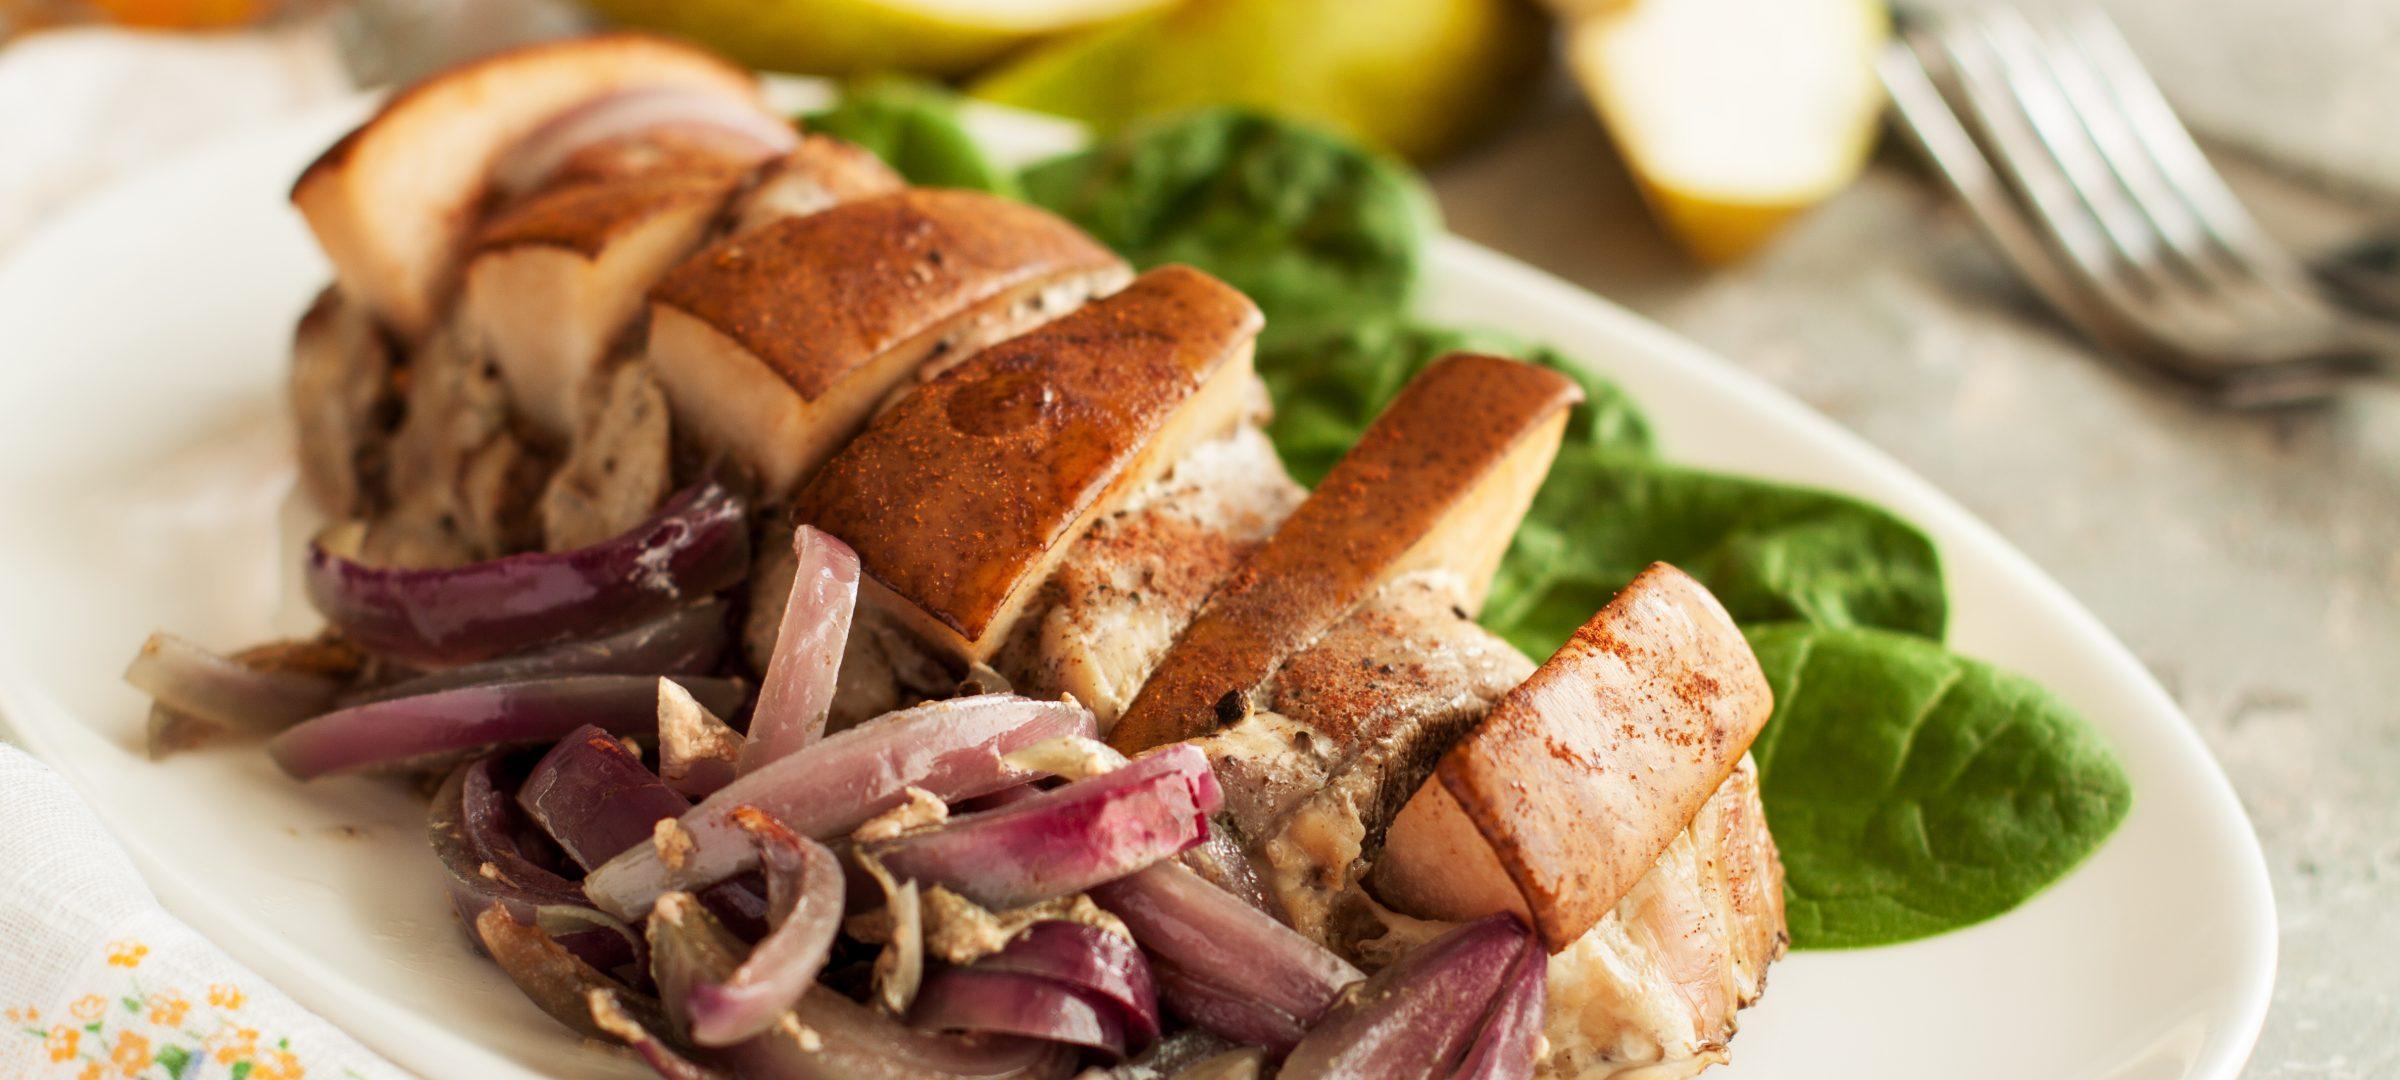 Selbstgemachte Slow Food Gerichte aus regionalen Zutaten auf Juist.